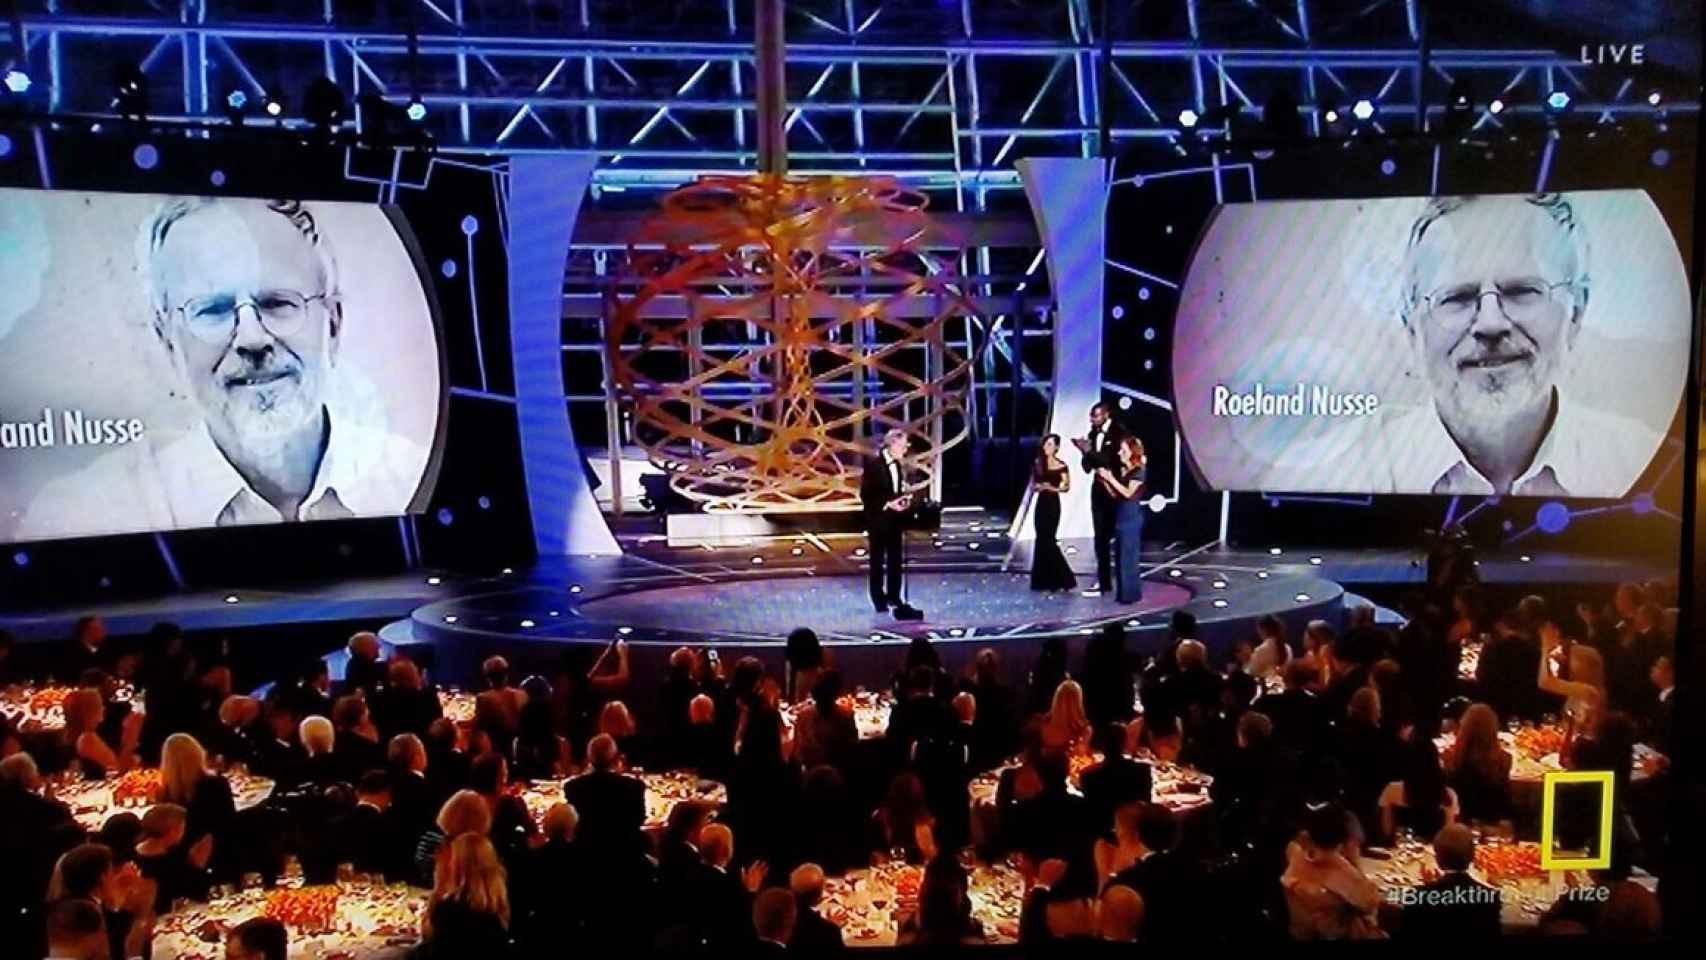 La gala sirvió para premiar a las mentes más brillantes de la ciencia.